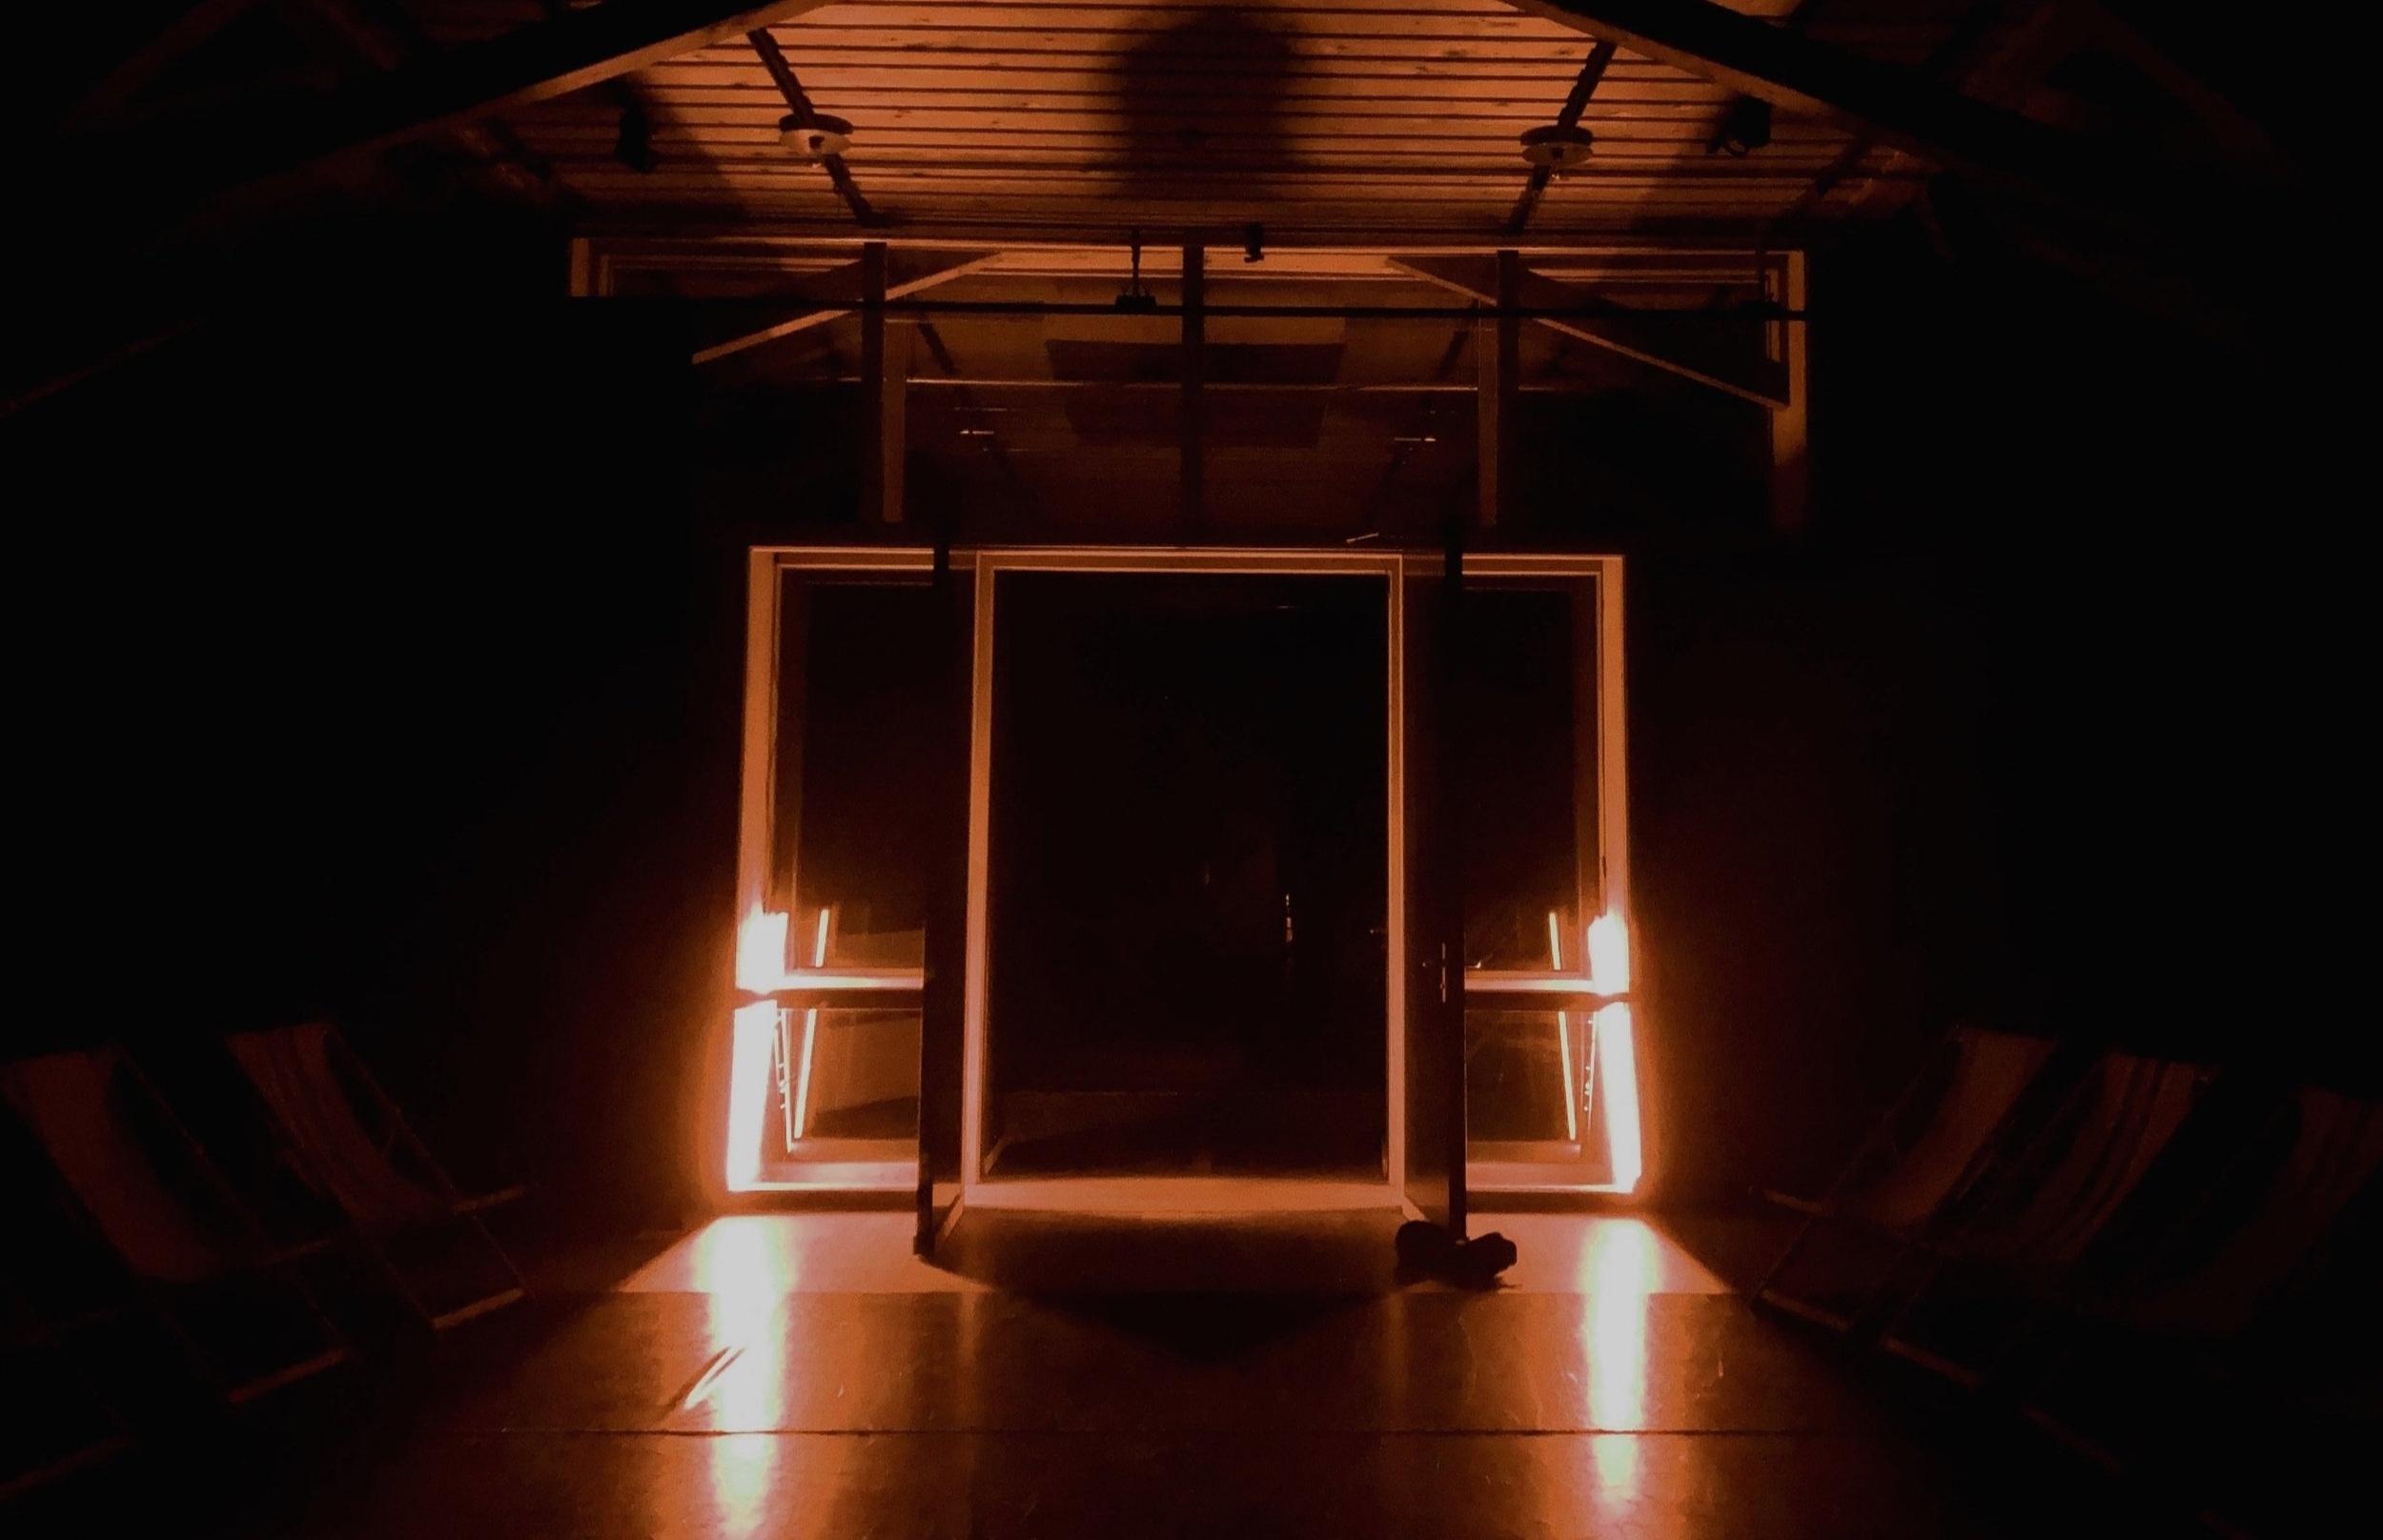 orangelight+Kopie.jpg